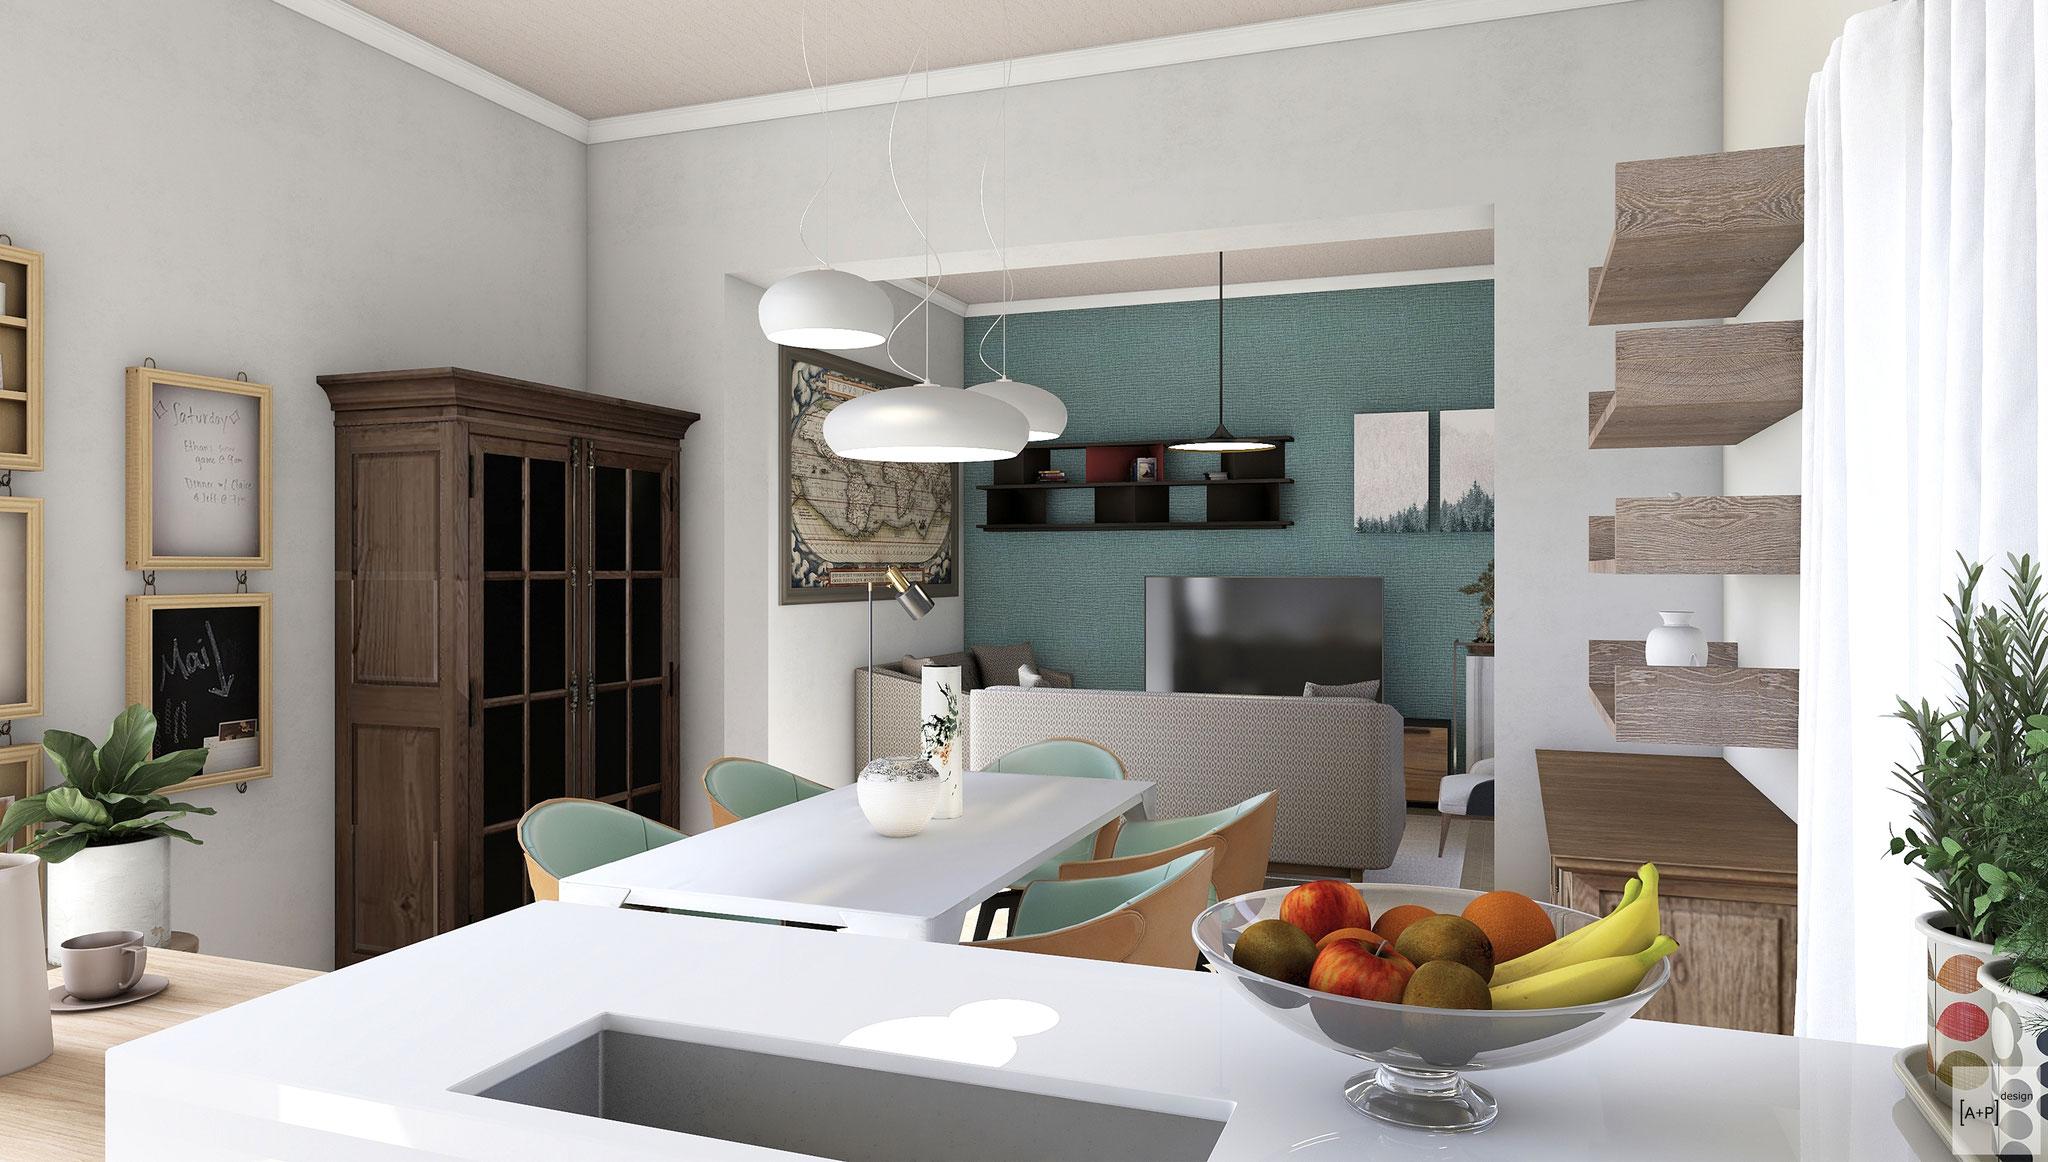 Progetto ristrutturazione cucina - © Alessio Pea & Federica Perissi